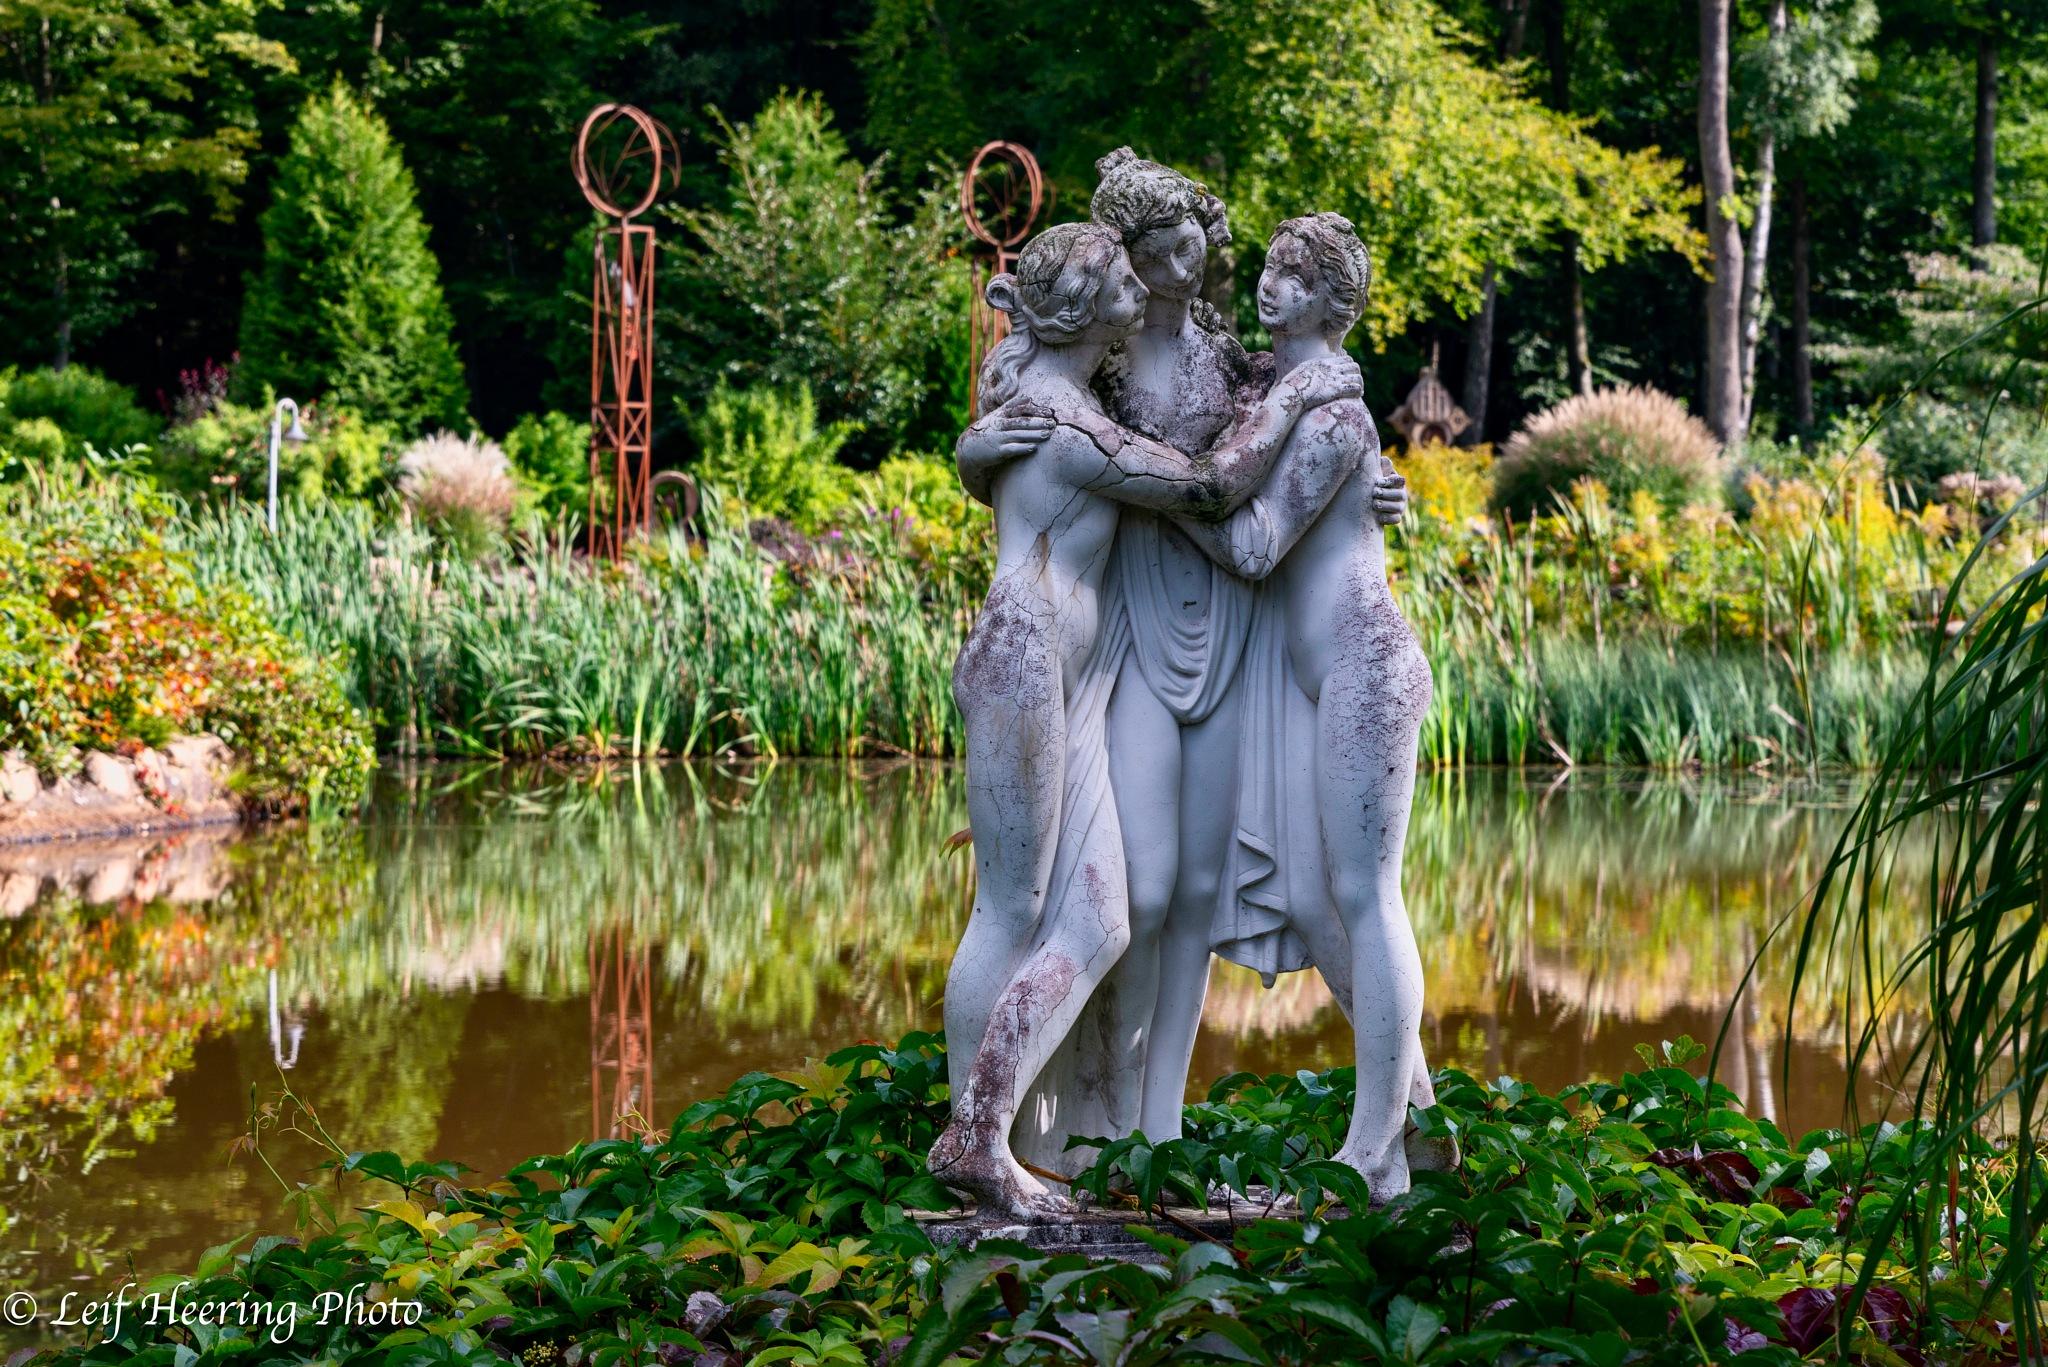 Hugs by Leif Heering